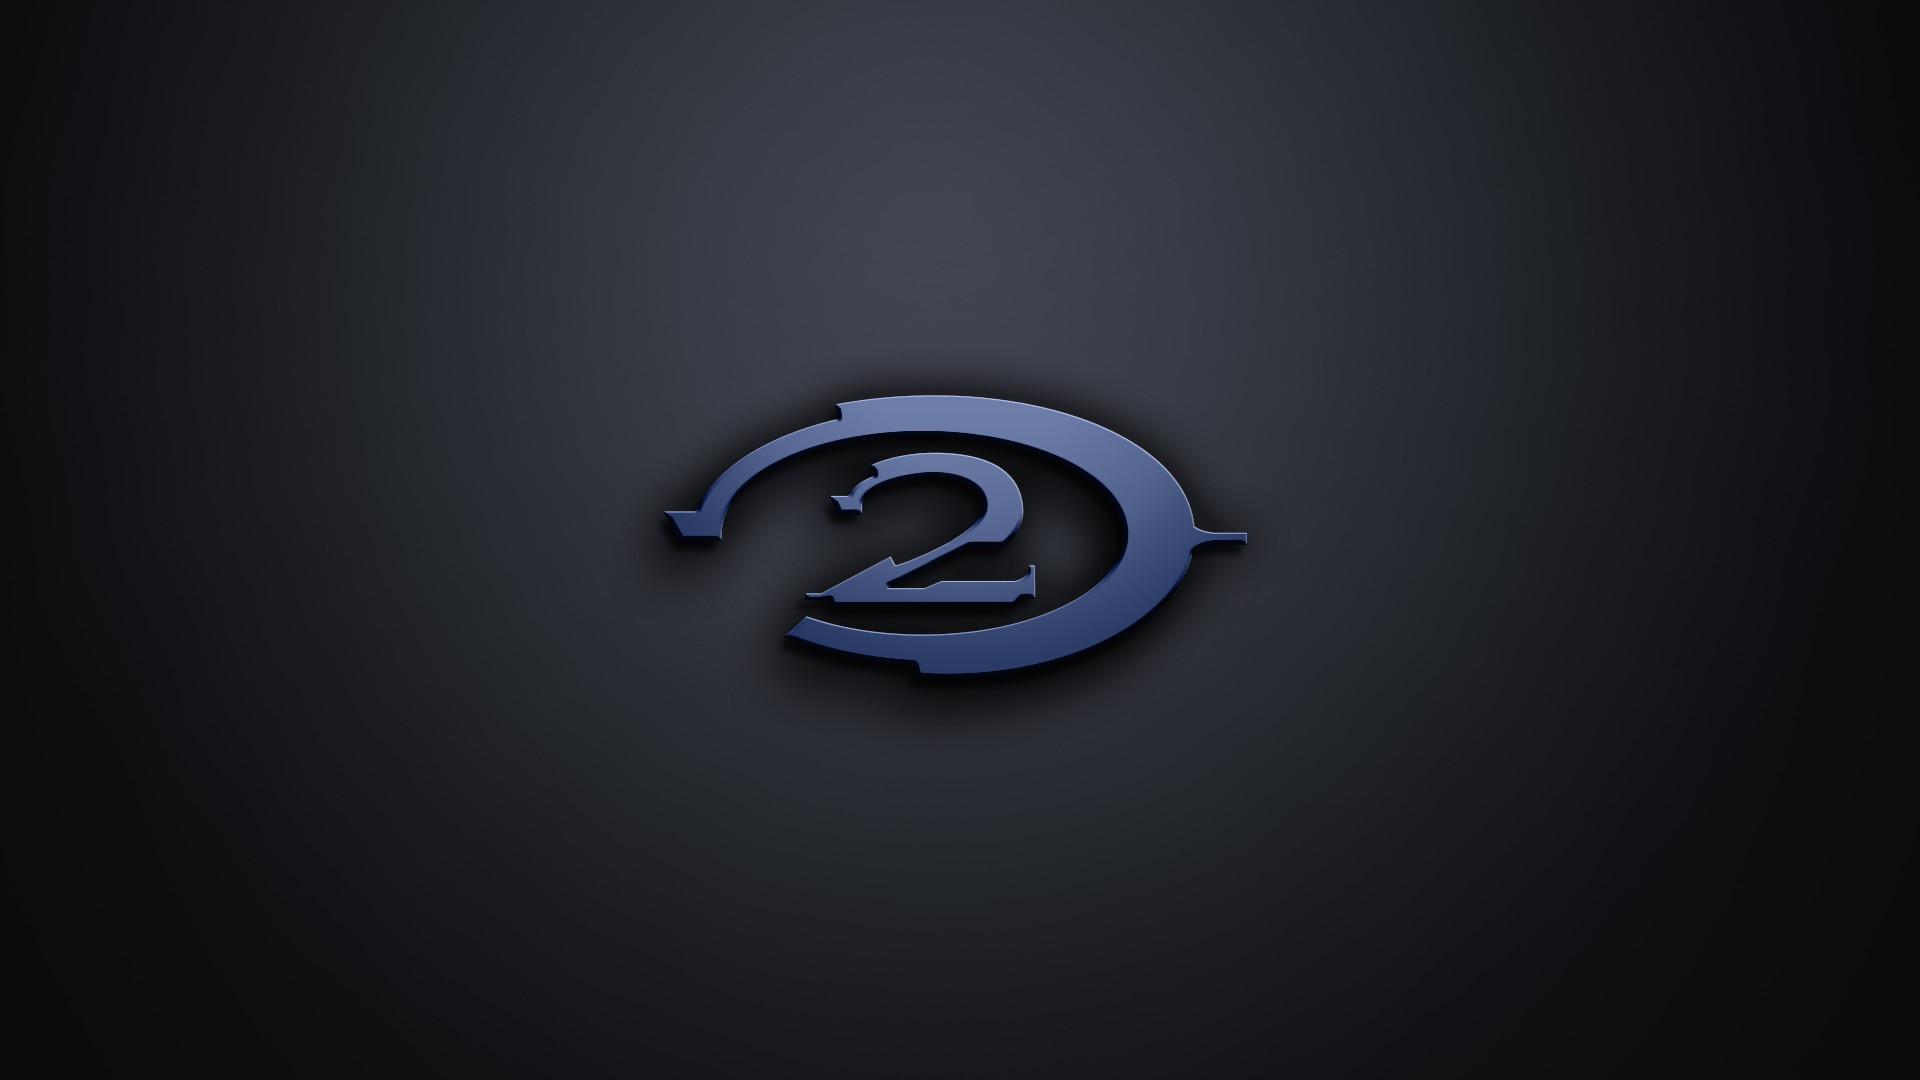 … Halo 2, …